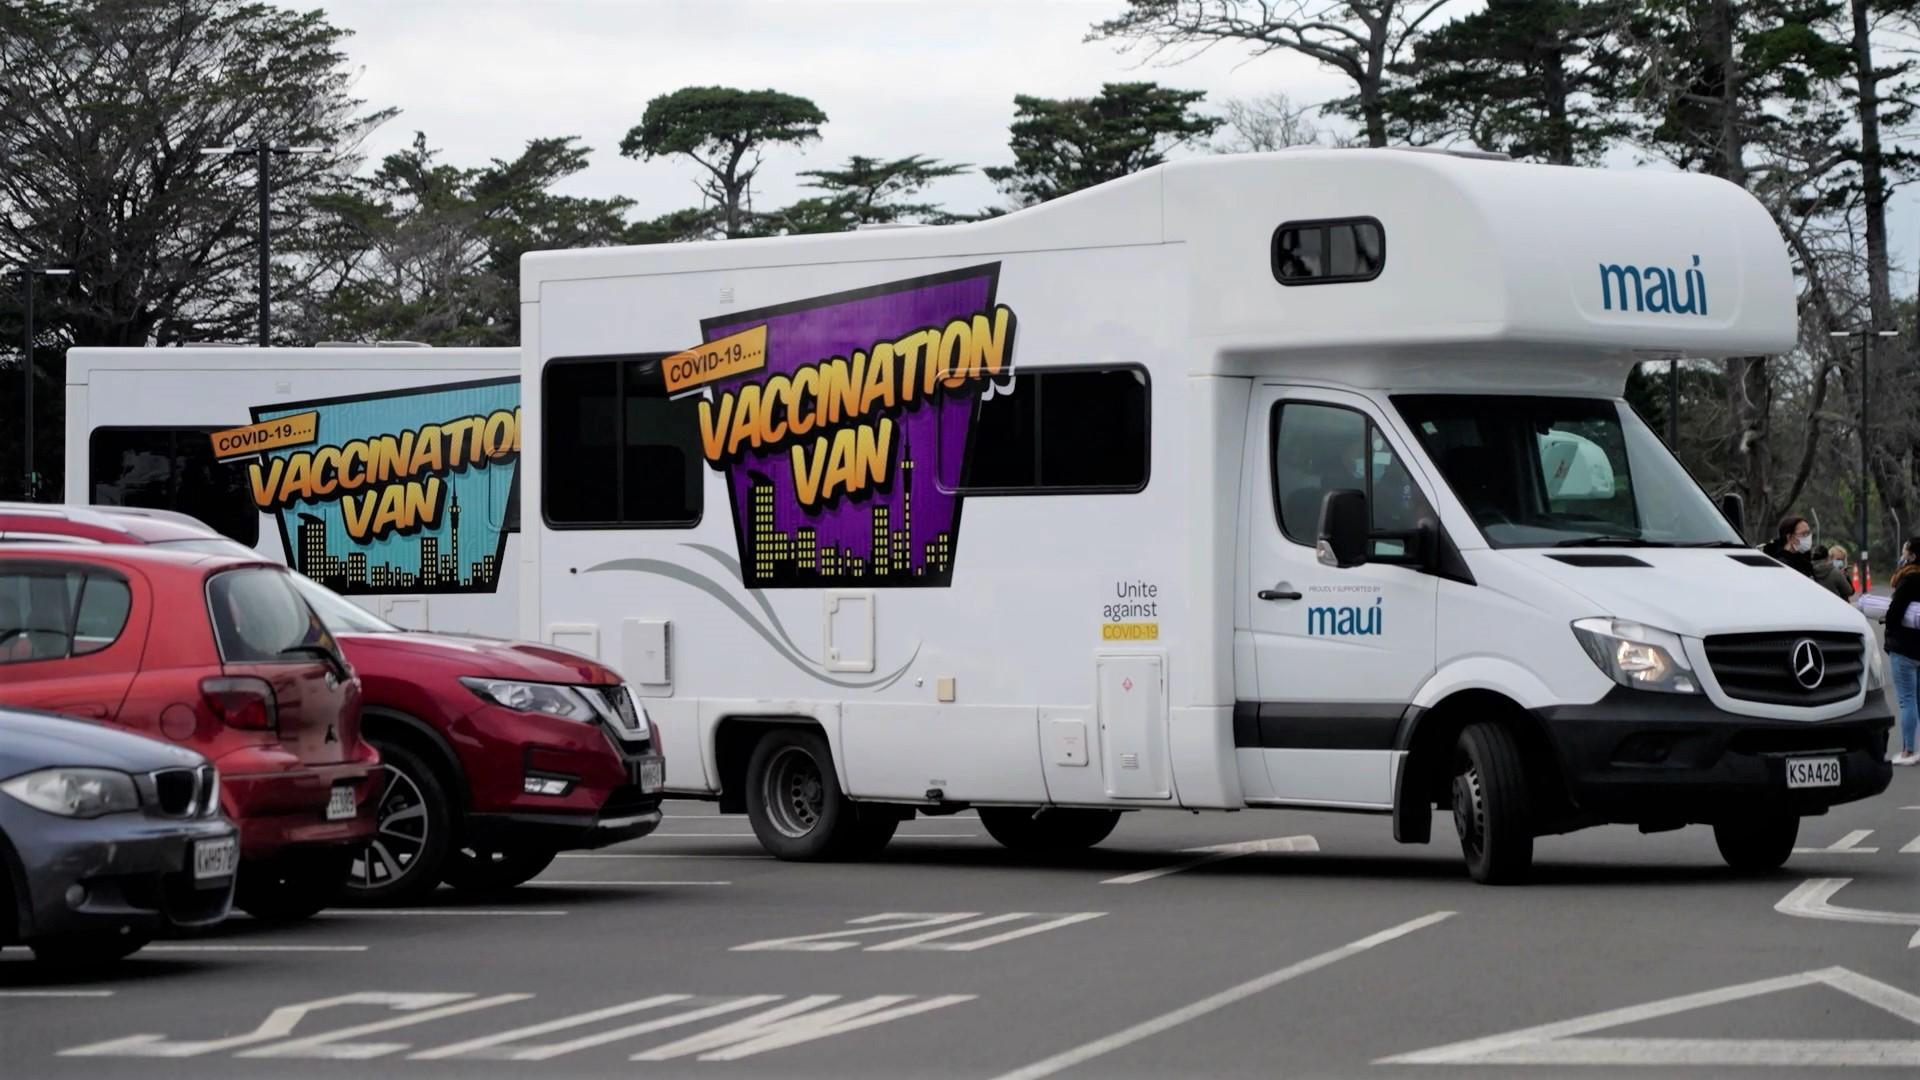 vaccination vans